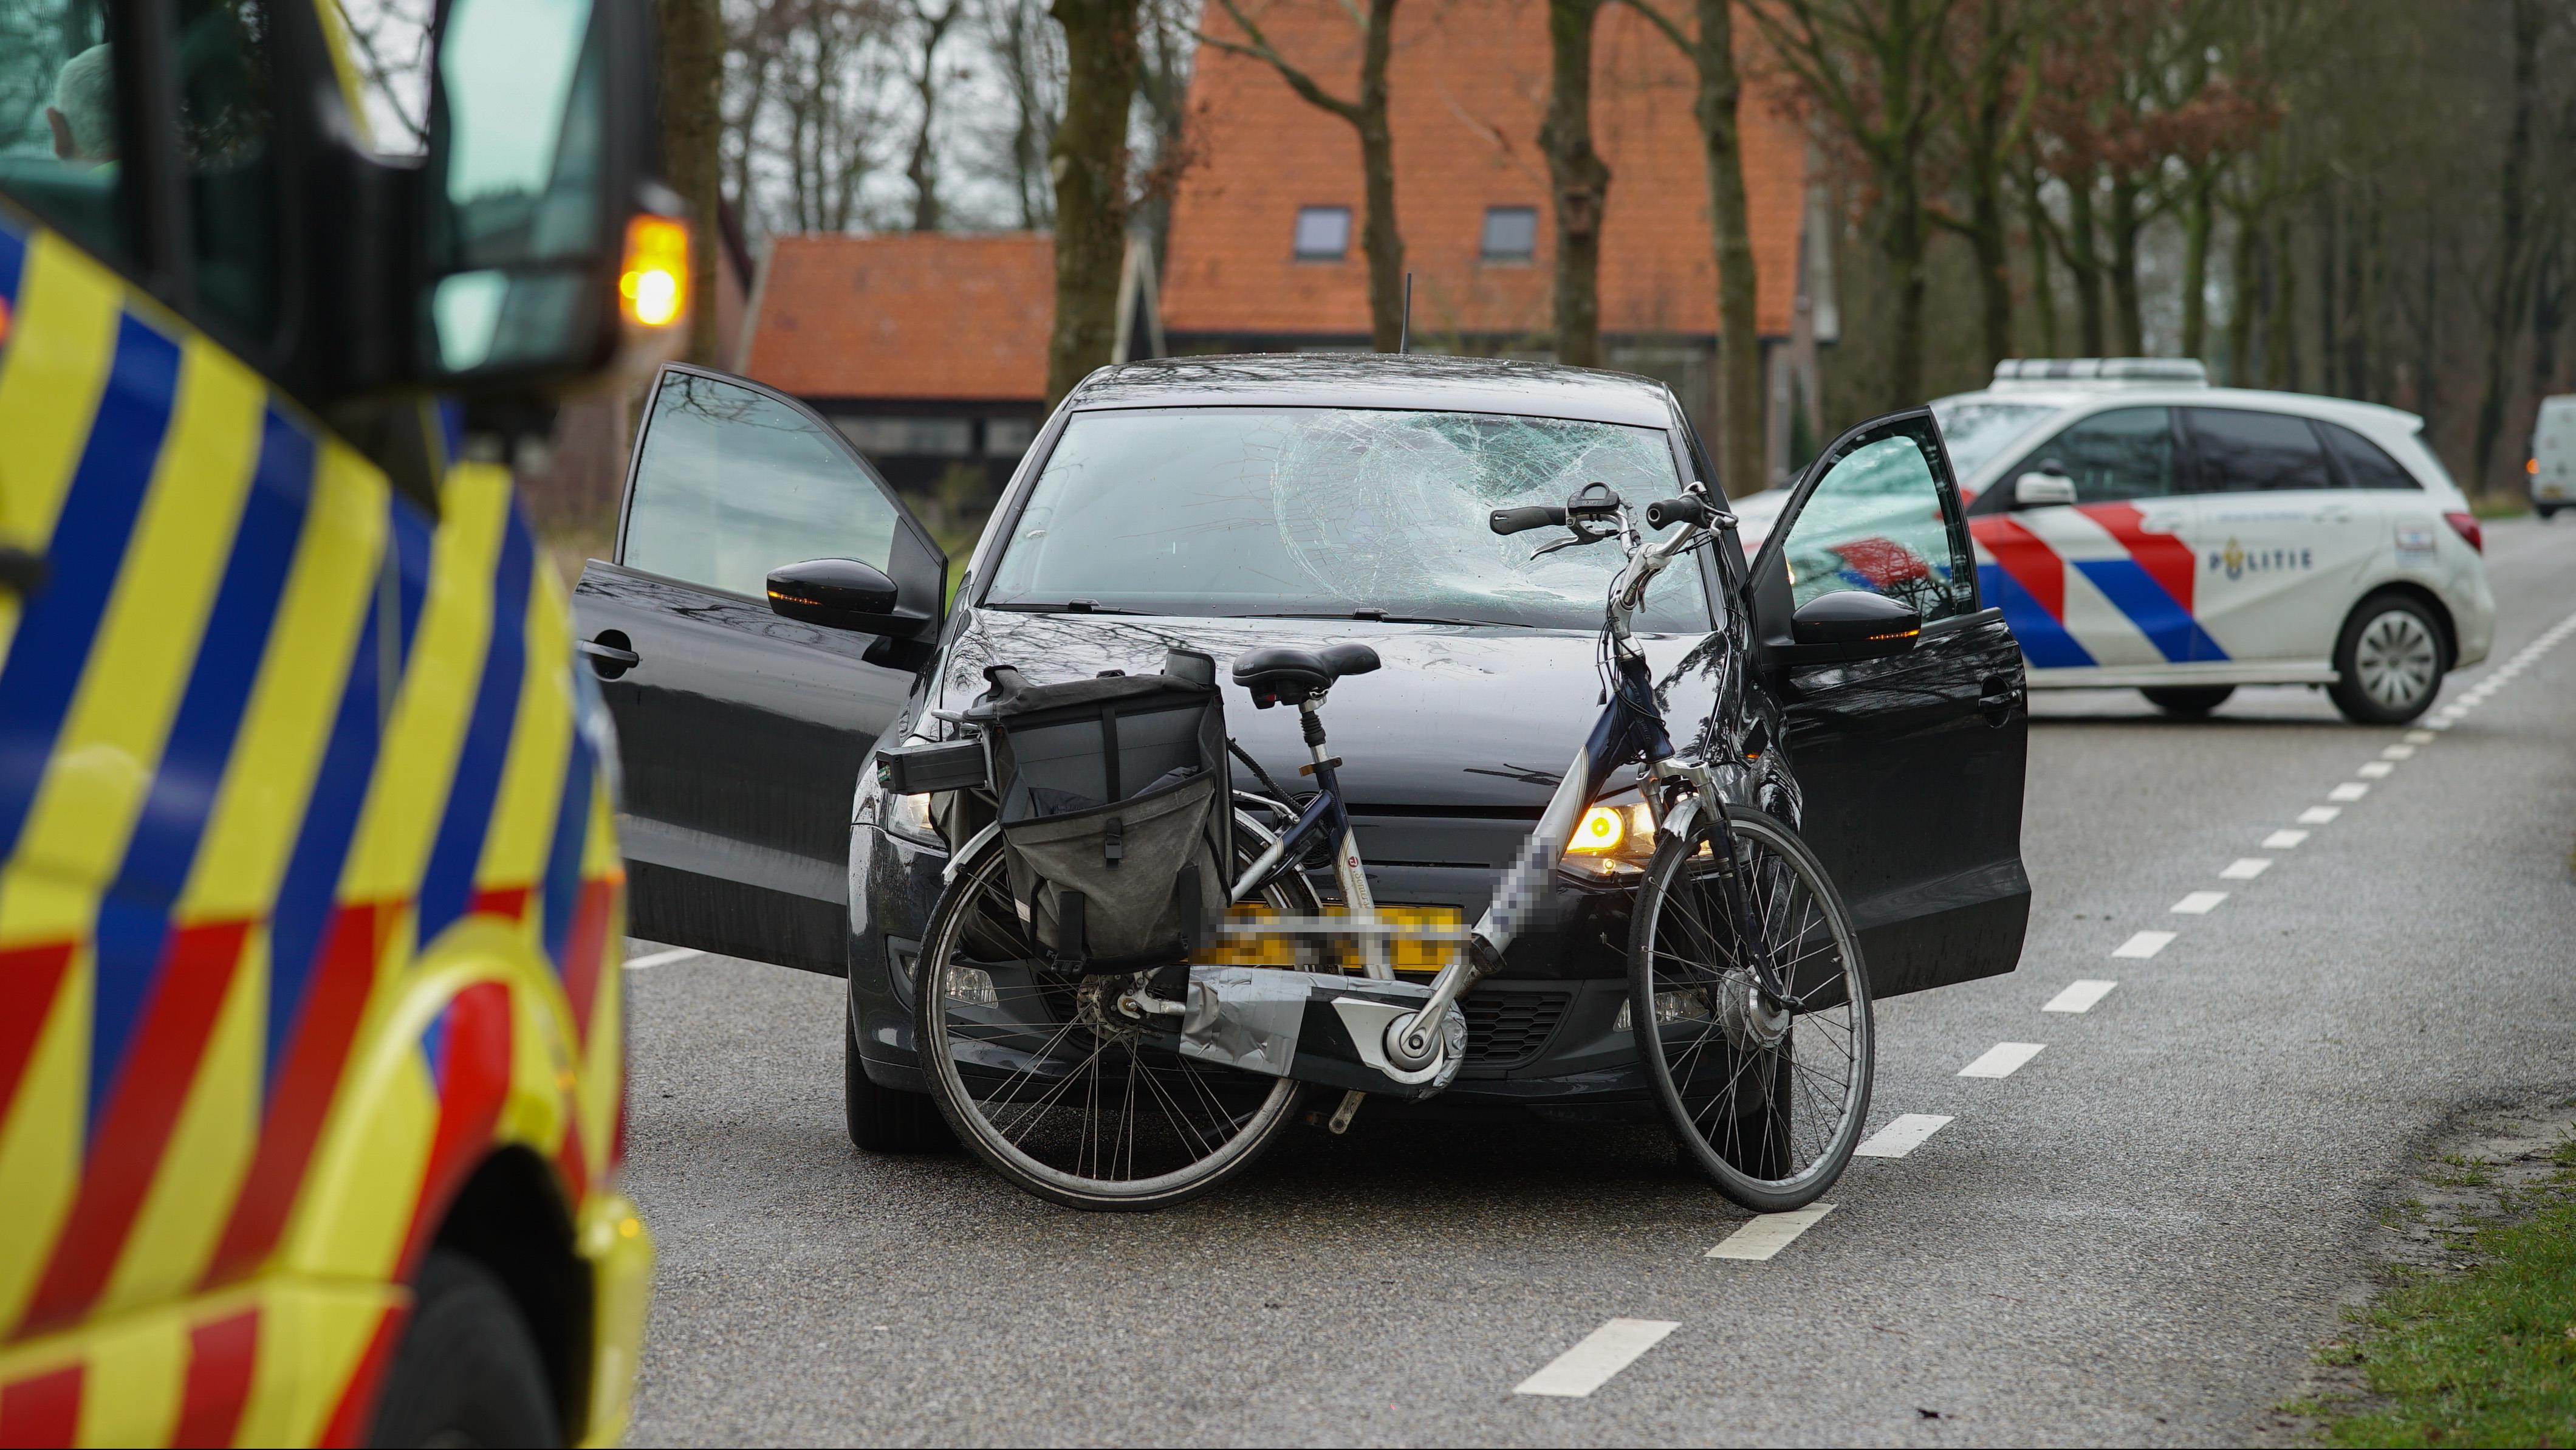 Fietsster gewond bij aanrijding in buitengebied Olst.